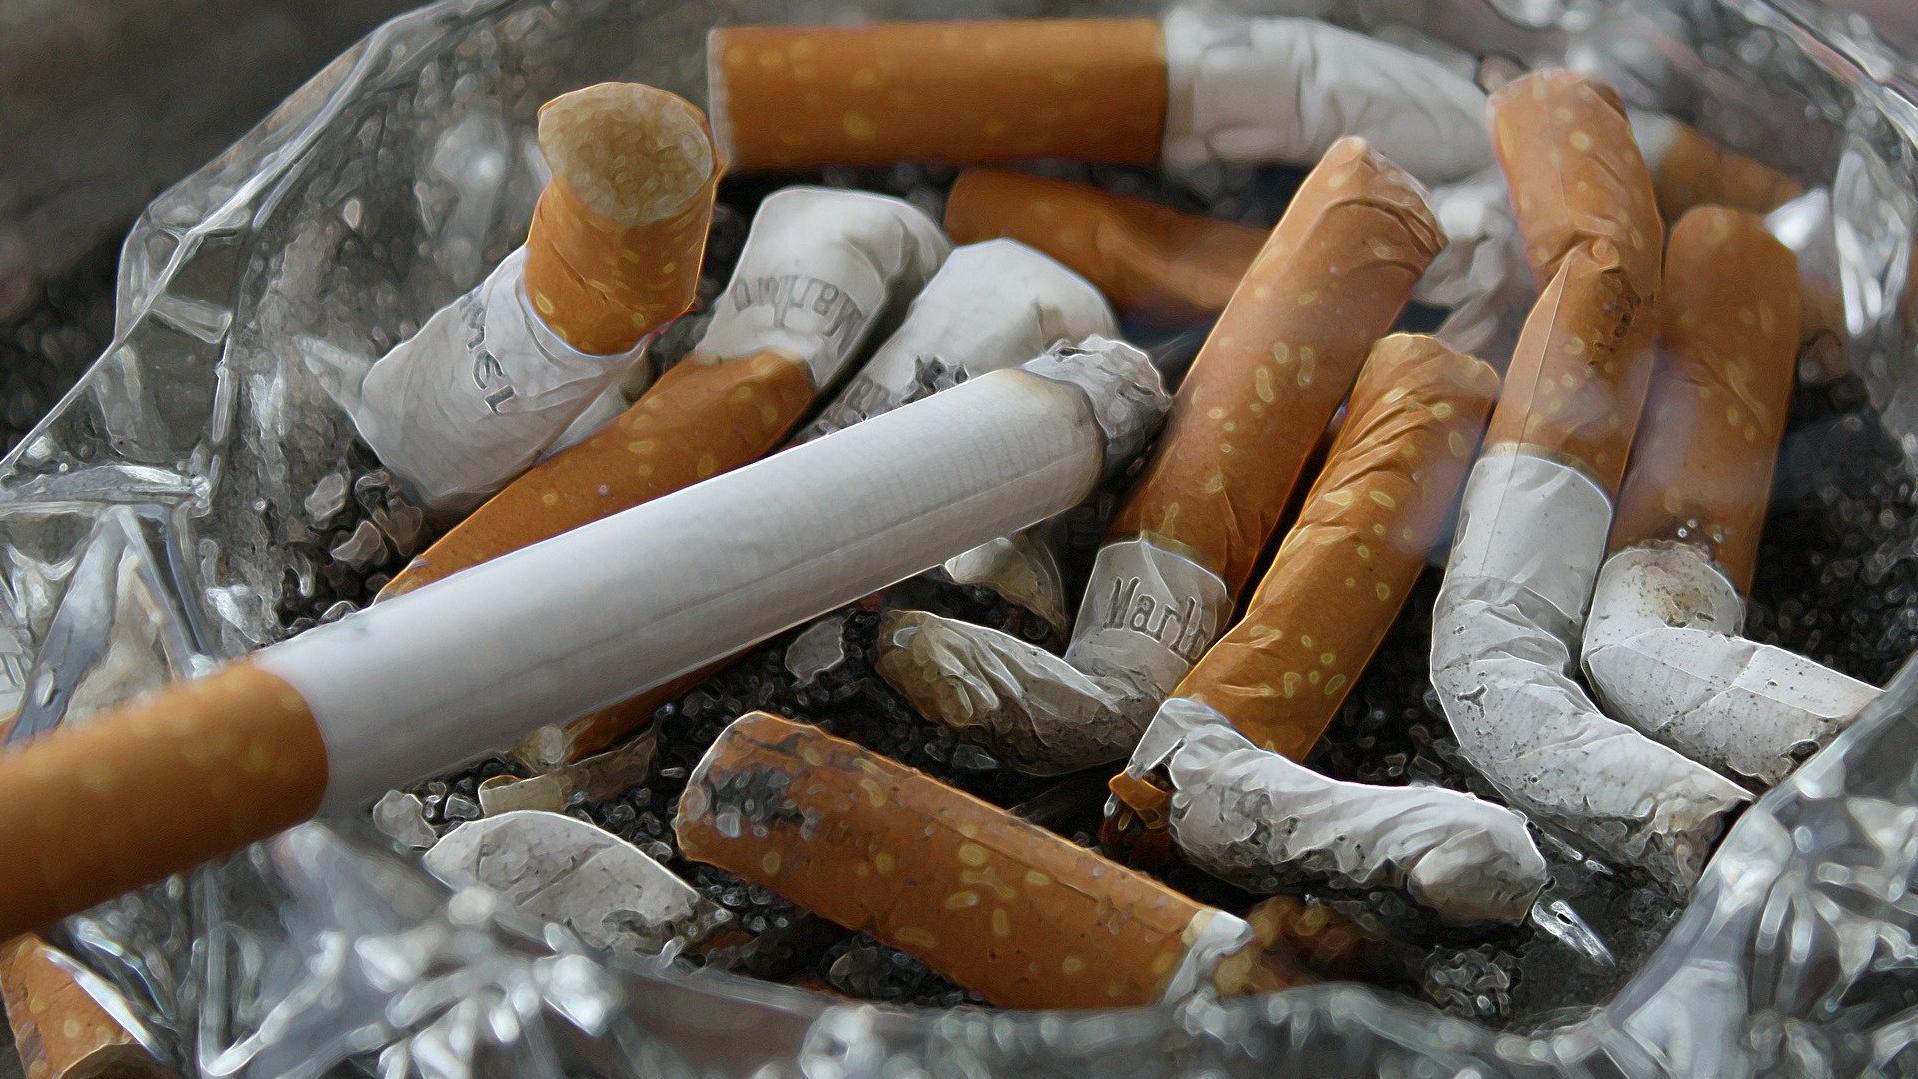 Körperveränderung nach Rauchstopp - das ändert sich, wenn Sie aufhören.